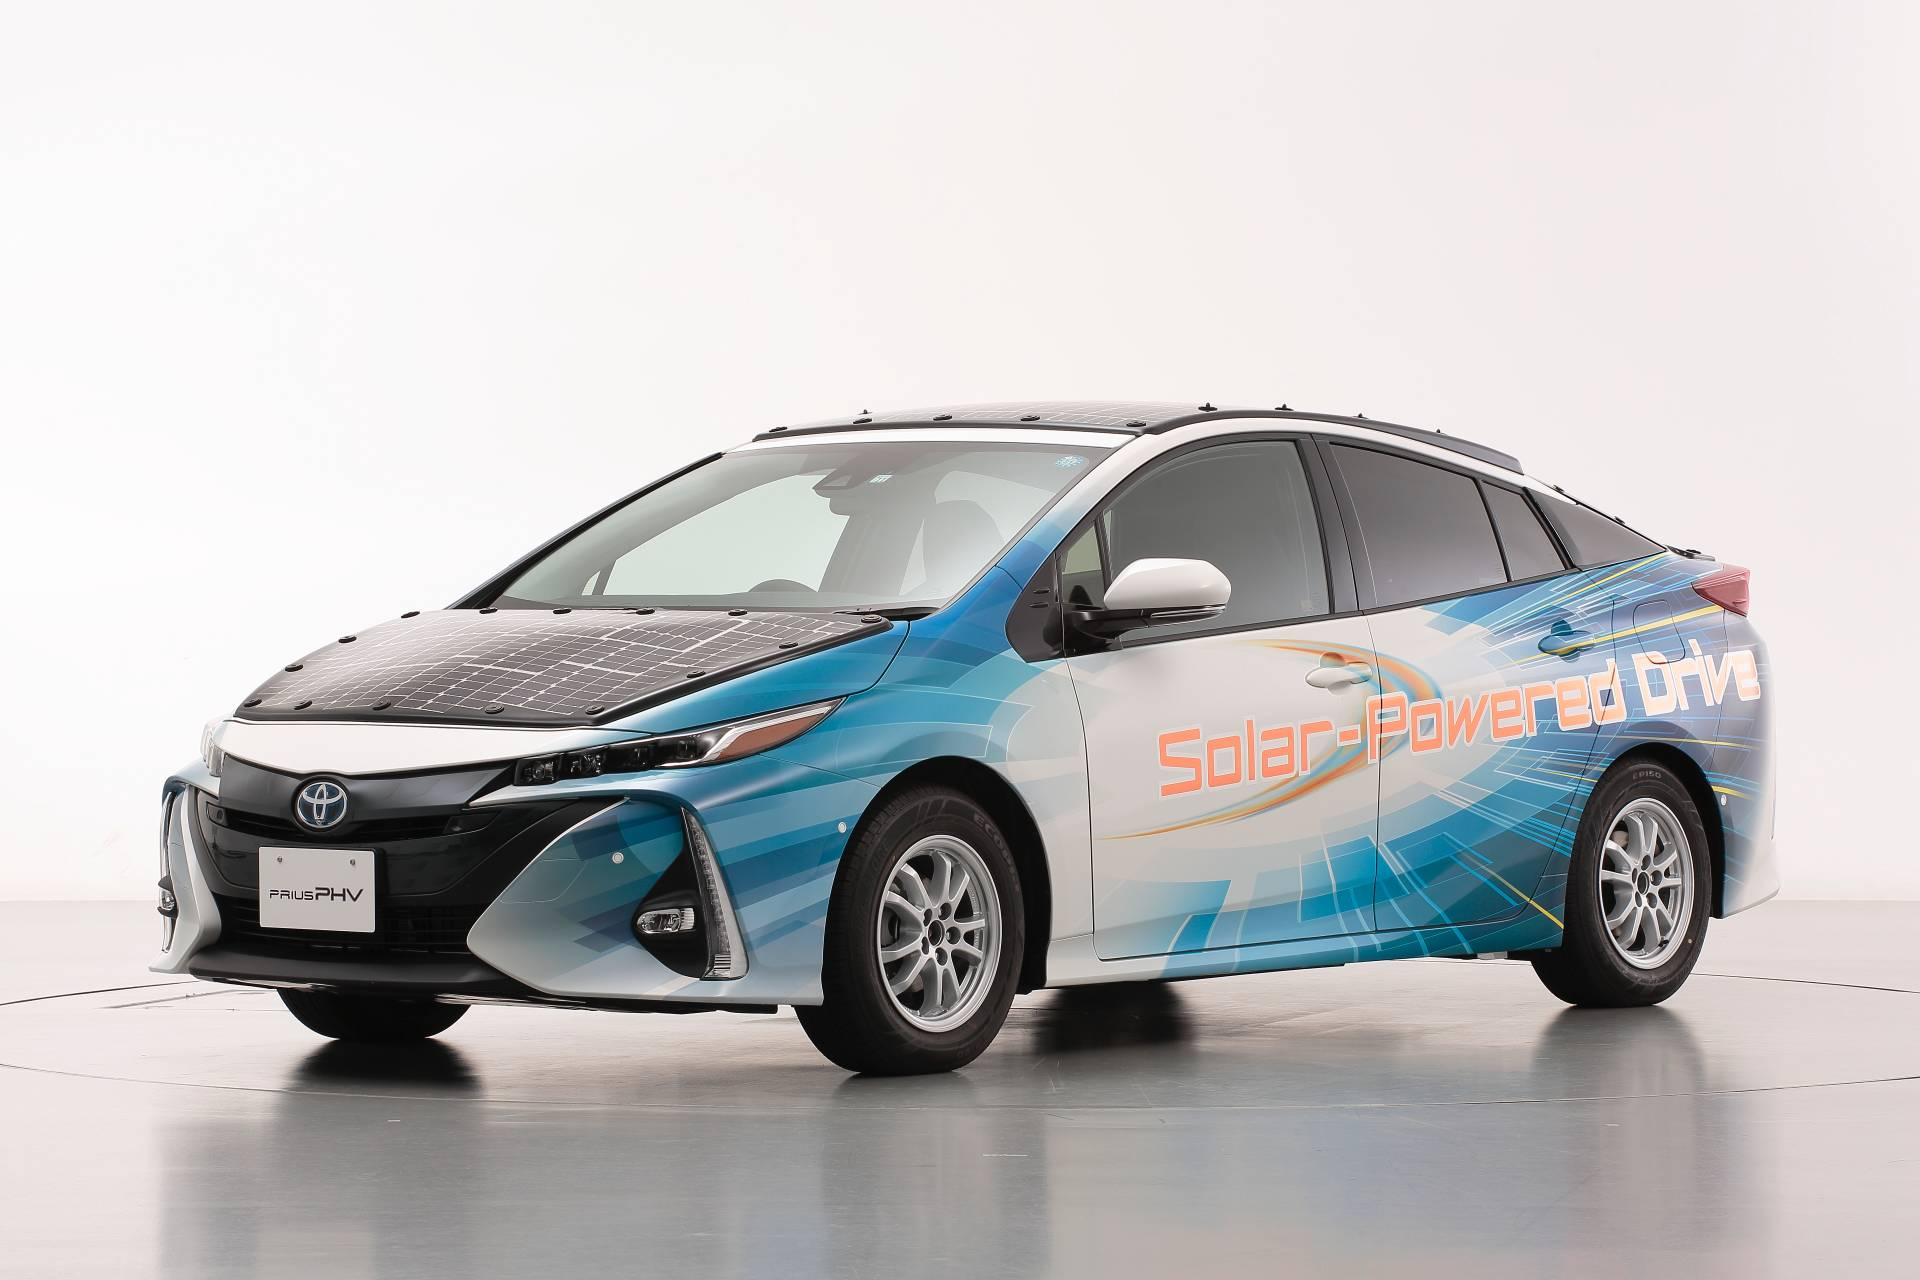 4691c315-toyota-prius-phv-demo-car-with-solar-panels-5